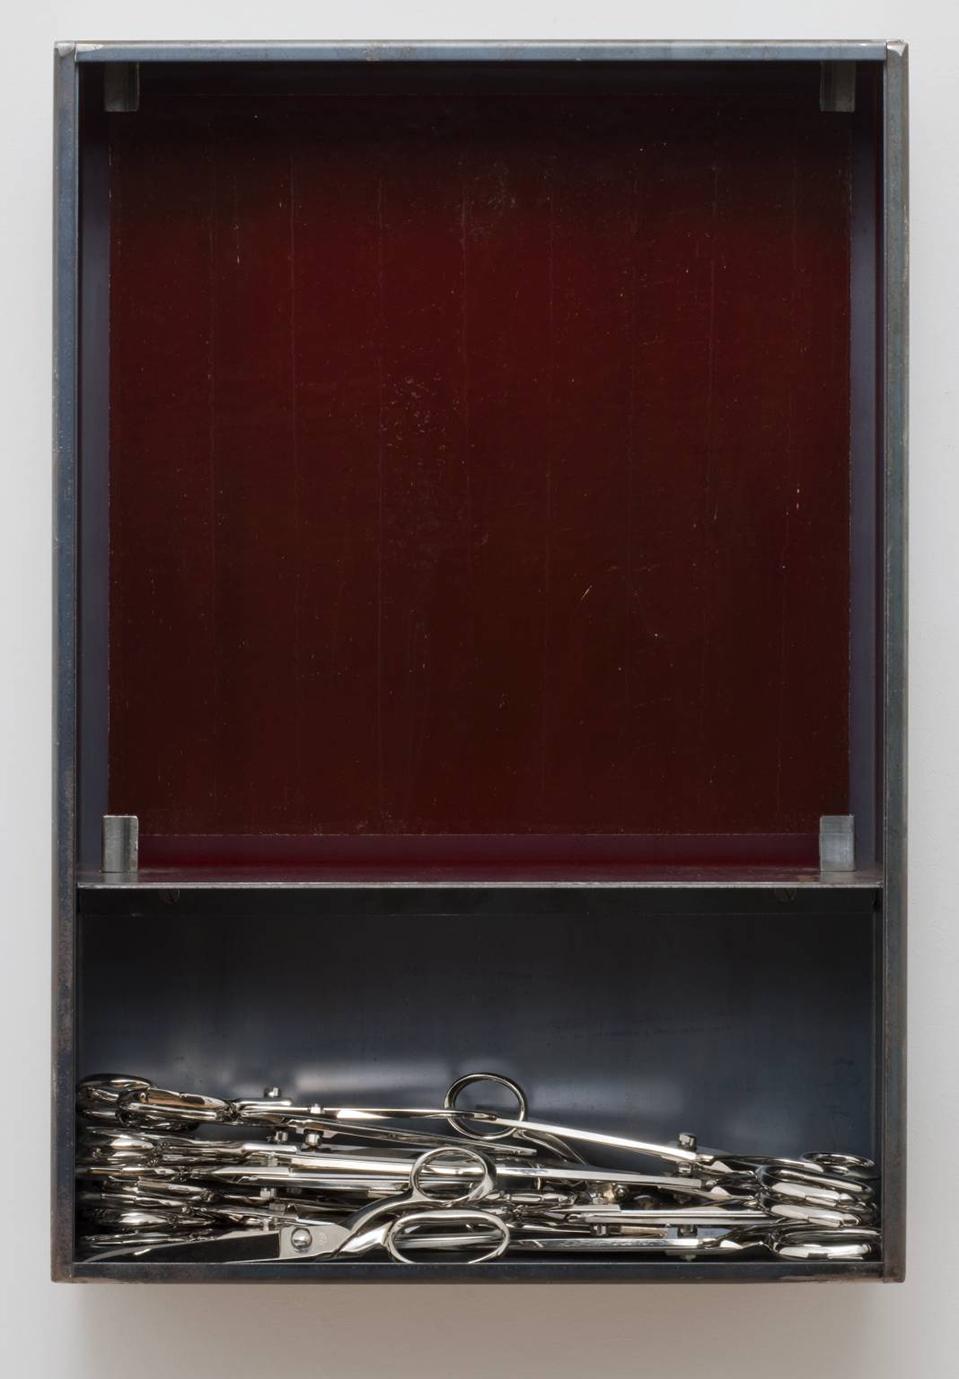 Untitled (Scissors) 2004 by Jannis Kounellis born 1936